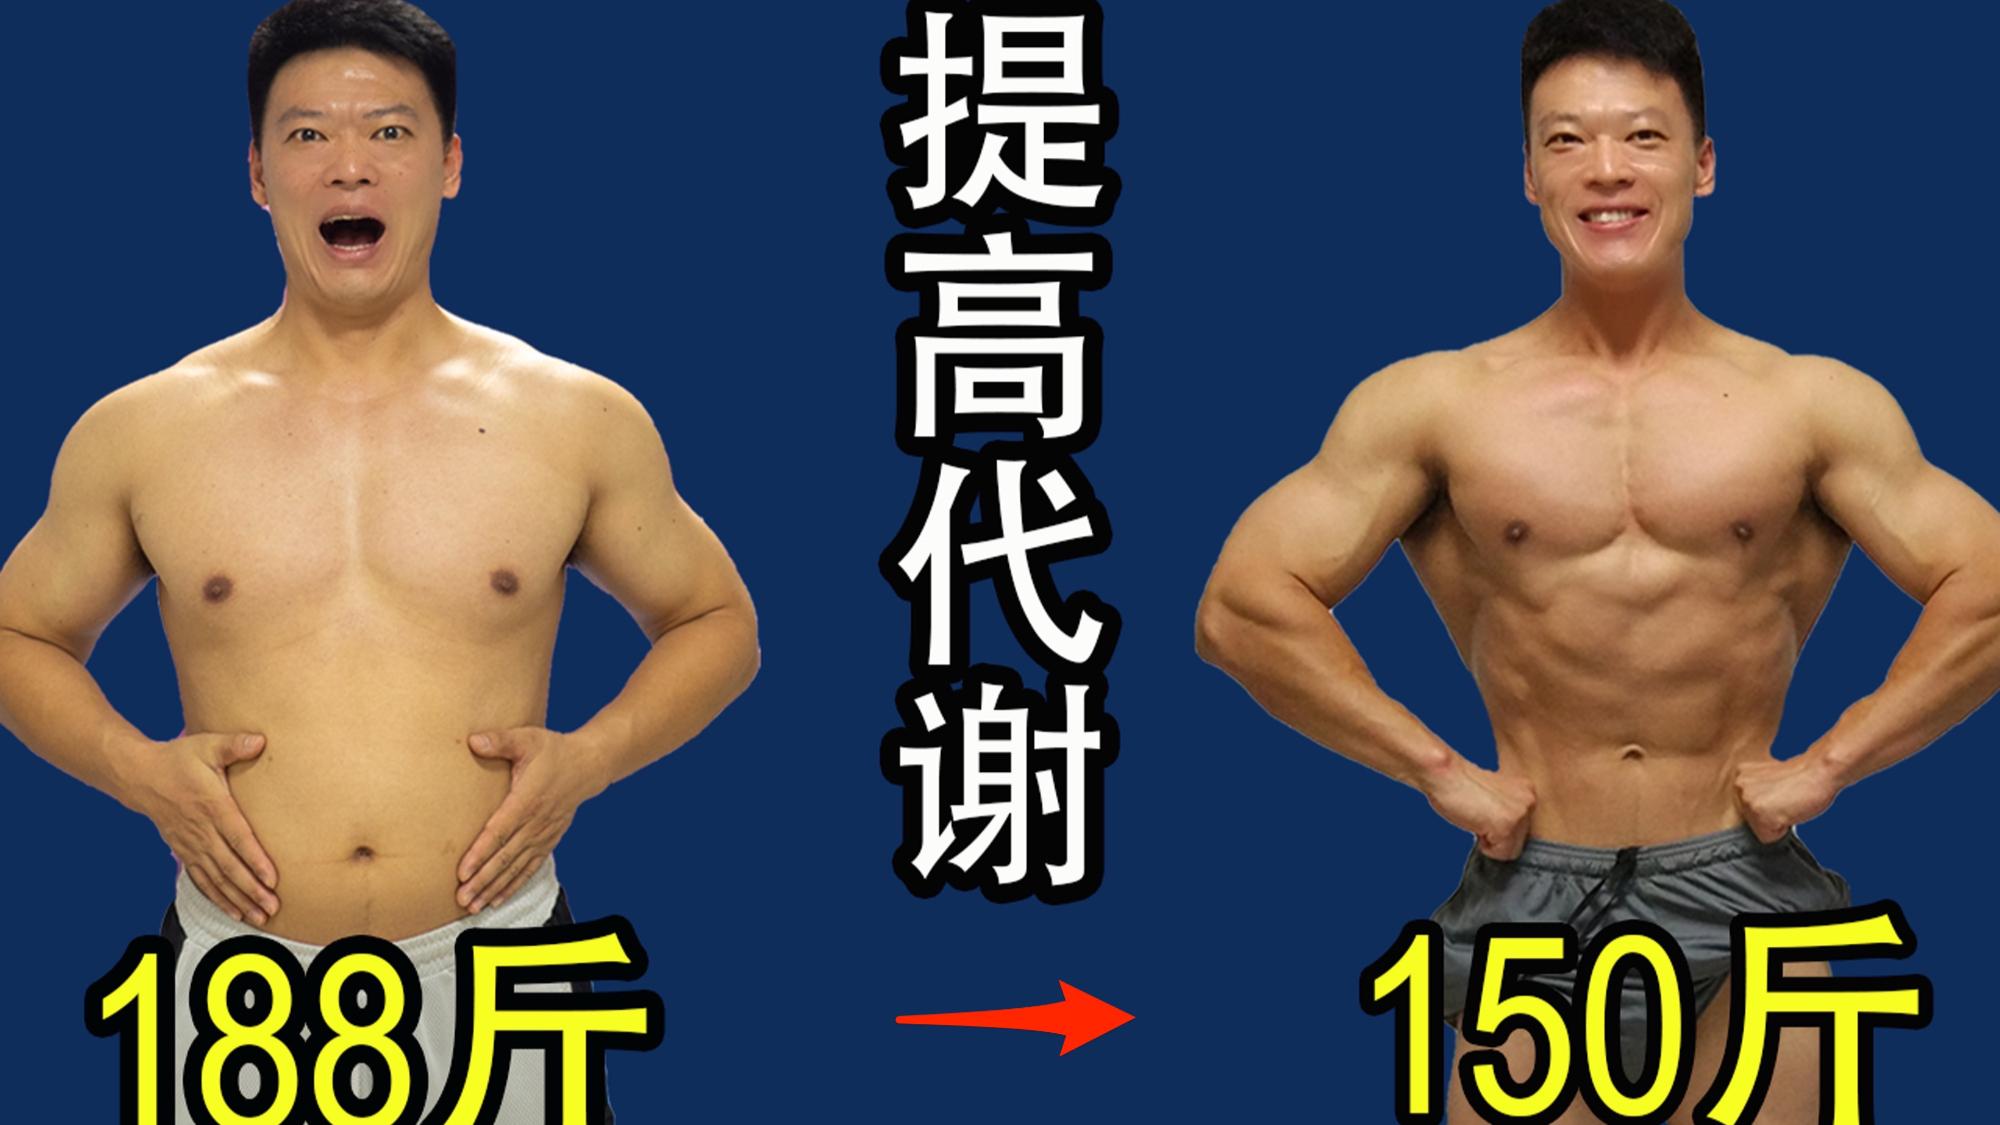 【躺成易瘦体质】不运动不节食,3招提高代谢,24小时燃脂!